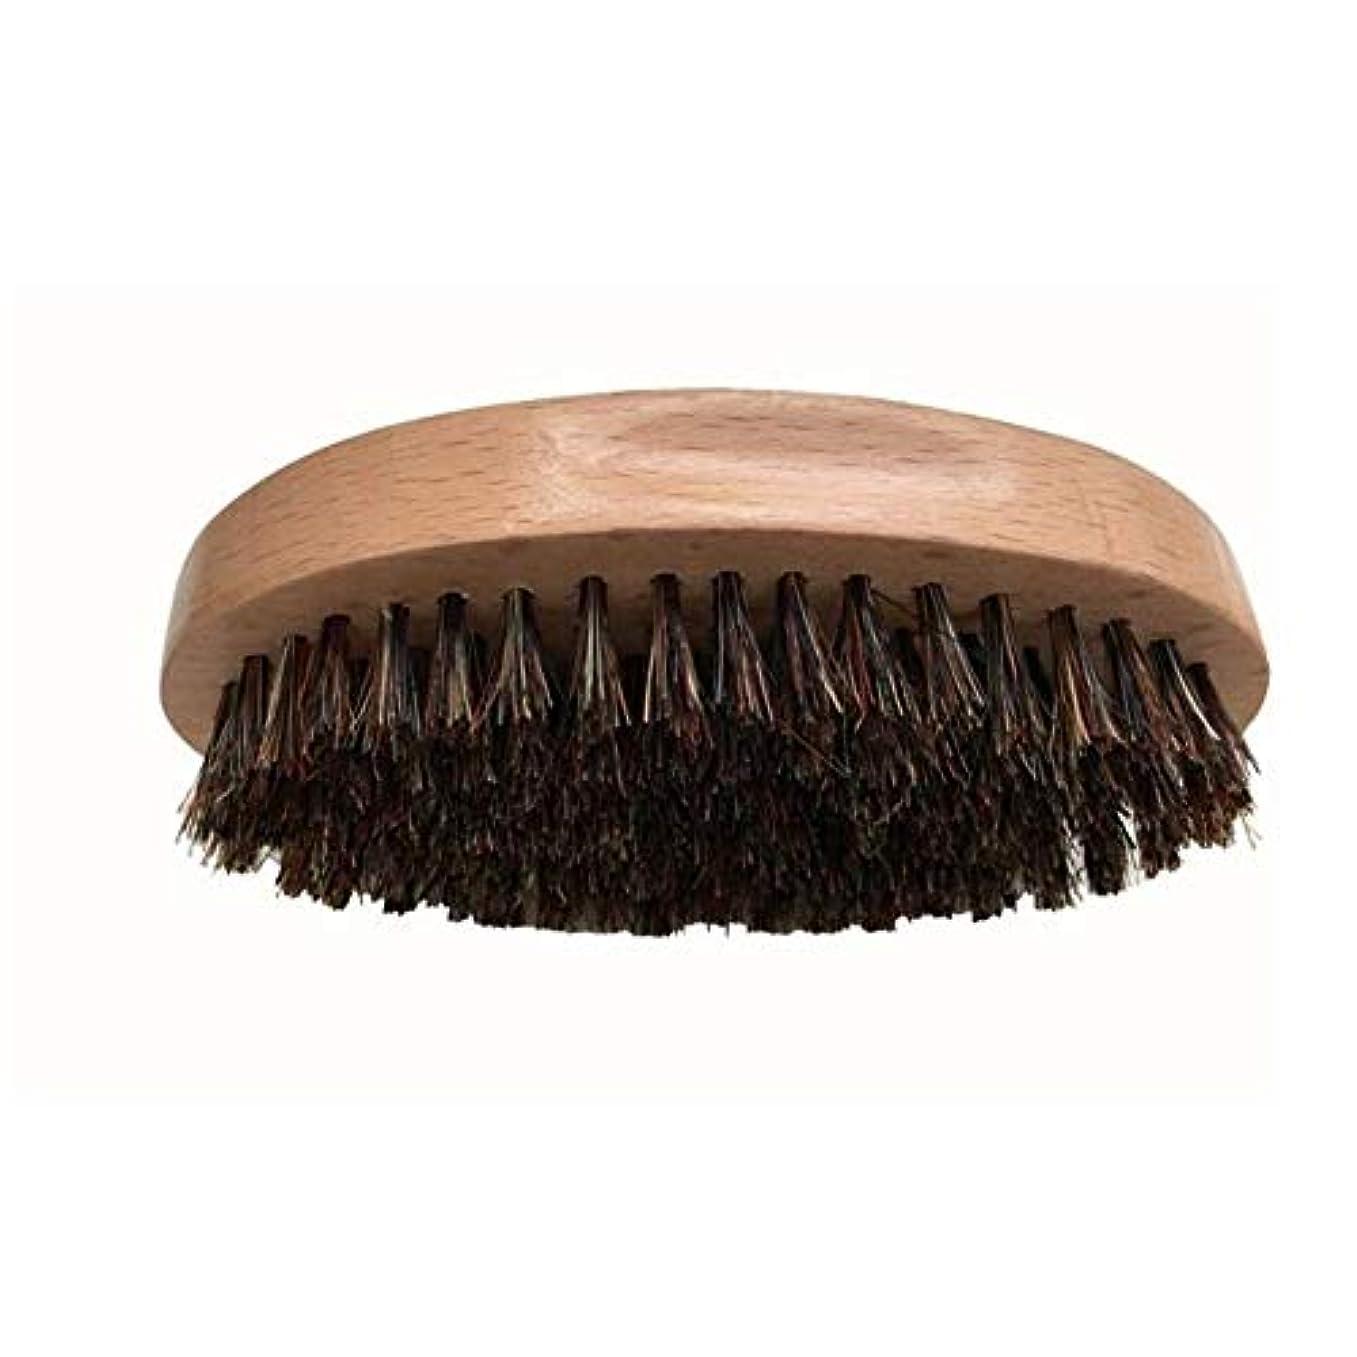 ショルダー慰め線シェービングブラシ 男性 口ひげ ひげブラシ ラウンド櫛 メンズシェービングツール 理容 洗顔 髭剃り 泡立ち